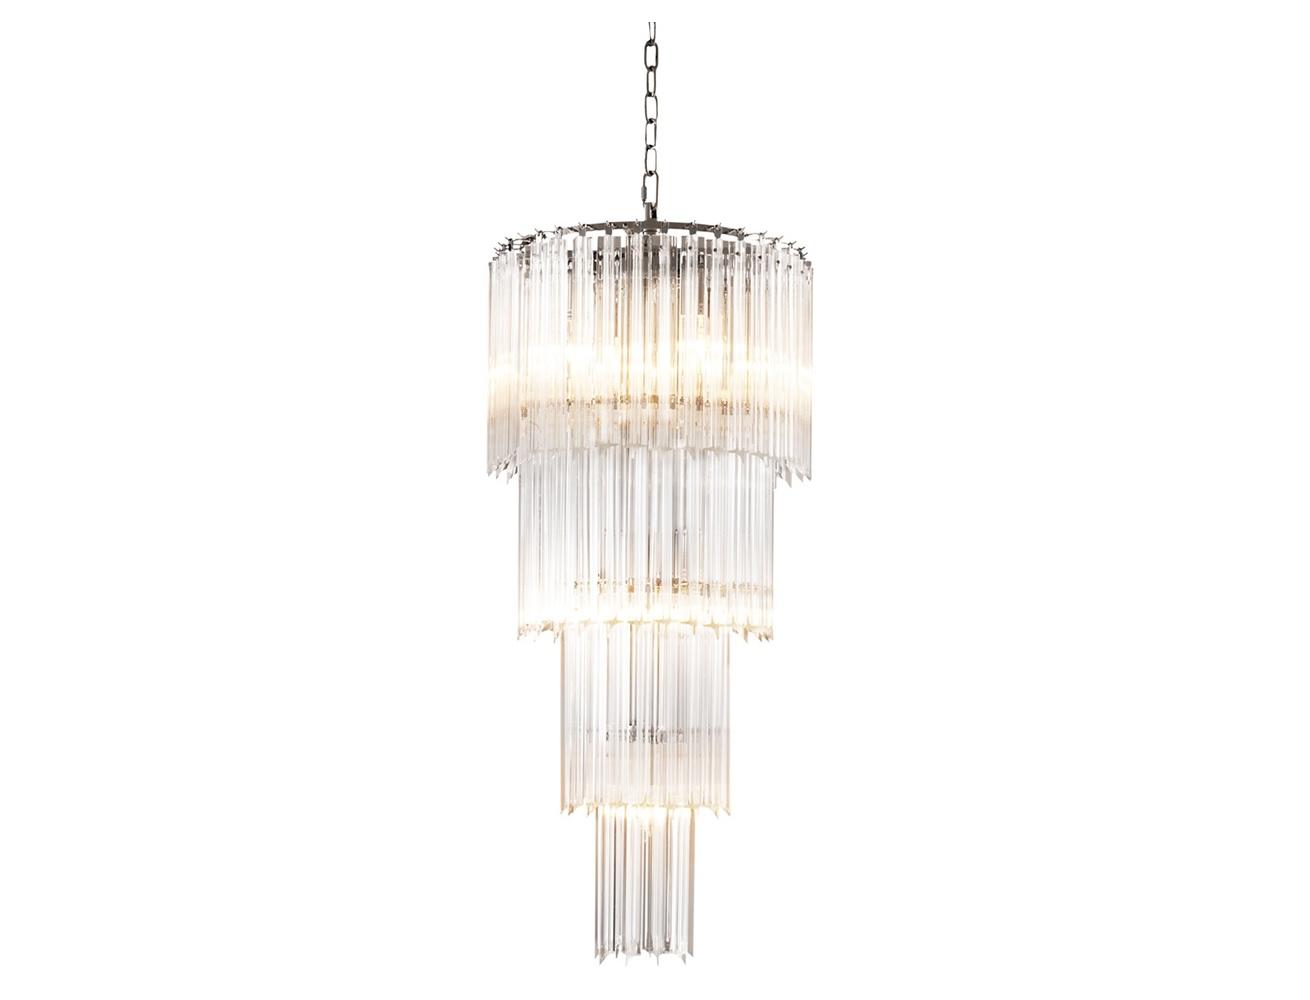 Люстра AlpinaЛюстры подвесные<br>Подвесной светильник из коллекции Chandelier Alpina S на никелированной арматуре. Плафон выполнен из многоуровневых пластин из прозрачного стекла. Высота светильника регулируется за счет звеньев цепи.&amp;lt;div&amp;gt;&amp;lt;br&amp;gt;&amp;lt;/div&amp;gt;&amp;lt;div&amp;gt;&amp;lt;div&amp;gt;Вид цоколя: E14&amp;lt;/div&amp;gt;&amp;lt;div&amp;gt;Мощность лампы: 40W&amp;lt;/div&amp;gt;&amp;lt;div&amp;gt;Количество ламп: 12&amp;lt;/div&amp;gt;&amp;lt;/div&amp;gt;&amp;lt;div&amp;gt;&amp;lt;br&amp;gt;&amp;lt;/div&amp;gt;&amp;lt;div&amp;gt;Лампочки в комплект не входят.&amp;lt;/div&amp;gt;<br><br>Material: Стекло<br>Ширина см: 39<br>Высота см: 88<br>Глубина см: 39